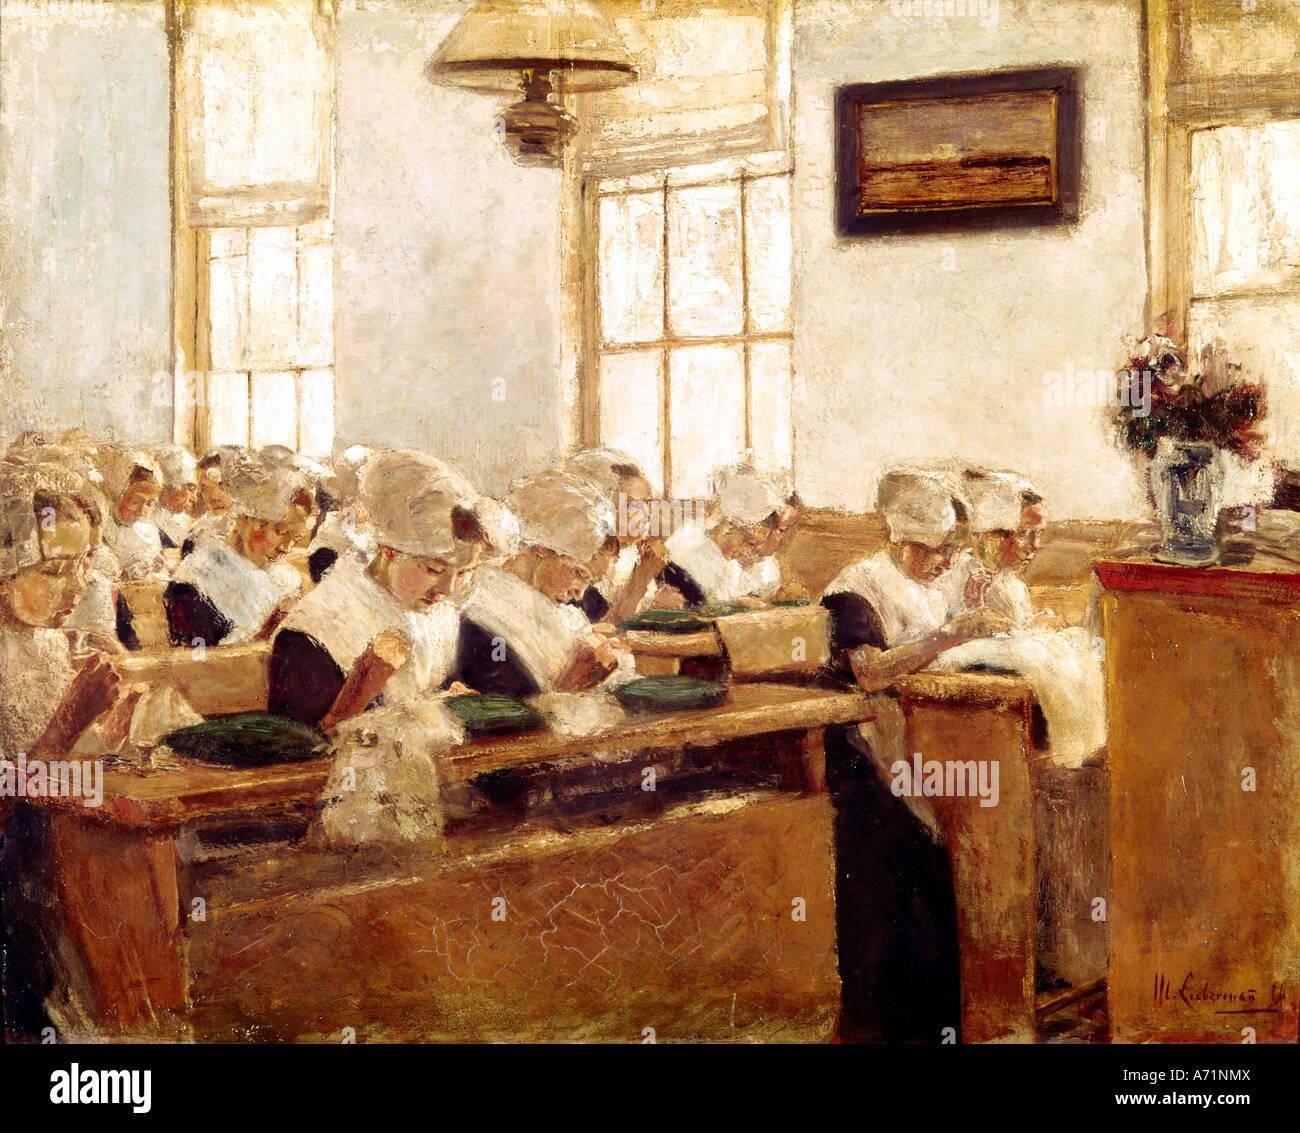 """""""Bellas Artes, Liebermann, Max (1847 - 1935), pintura, 'Holländische Nähschule', 'holandés Imagen De Stock"""